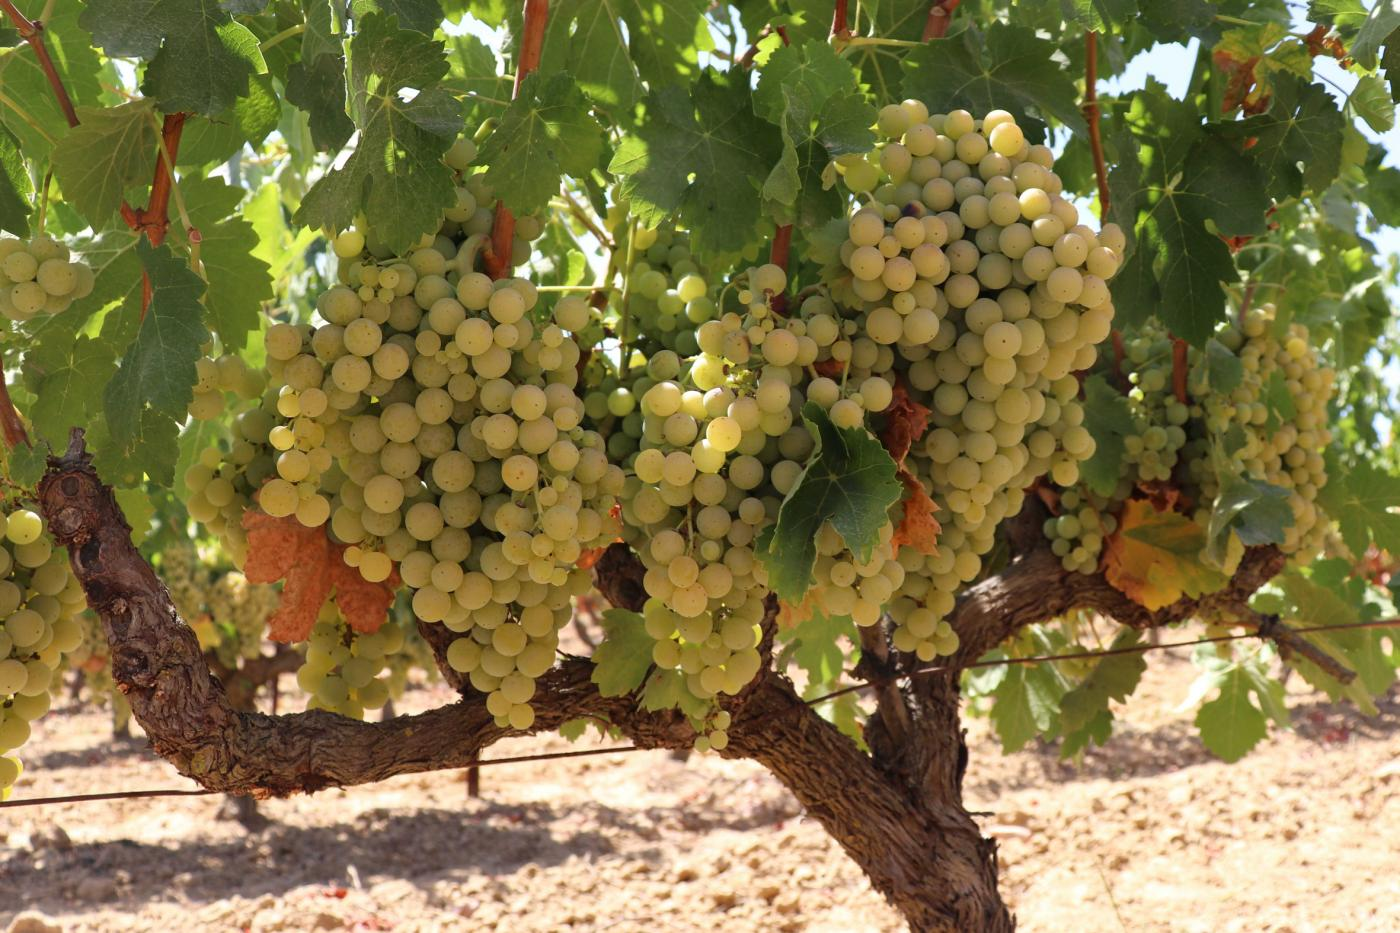 Arranca la vendimia en el Condado de Huelva ante el optimismo del sector